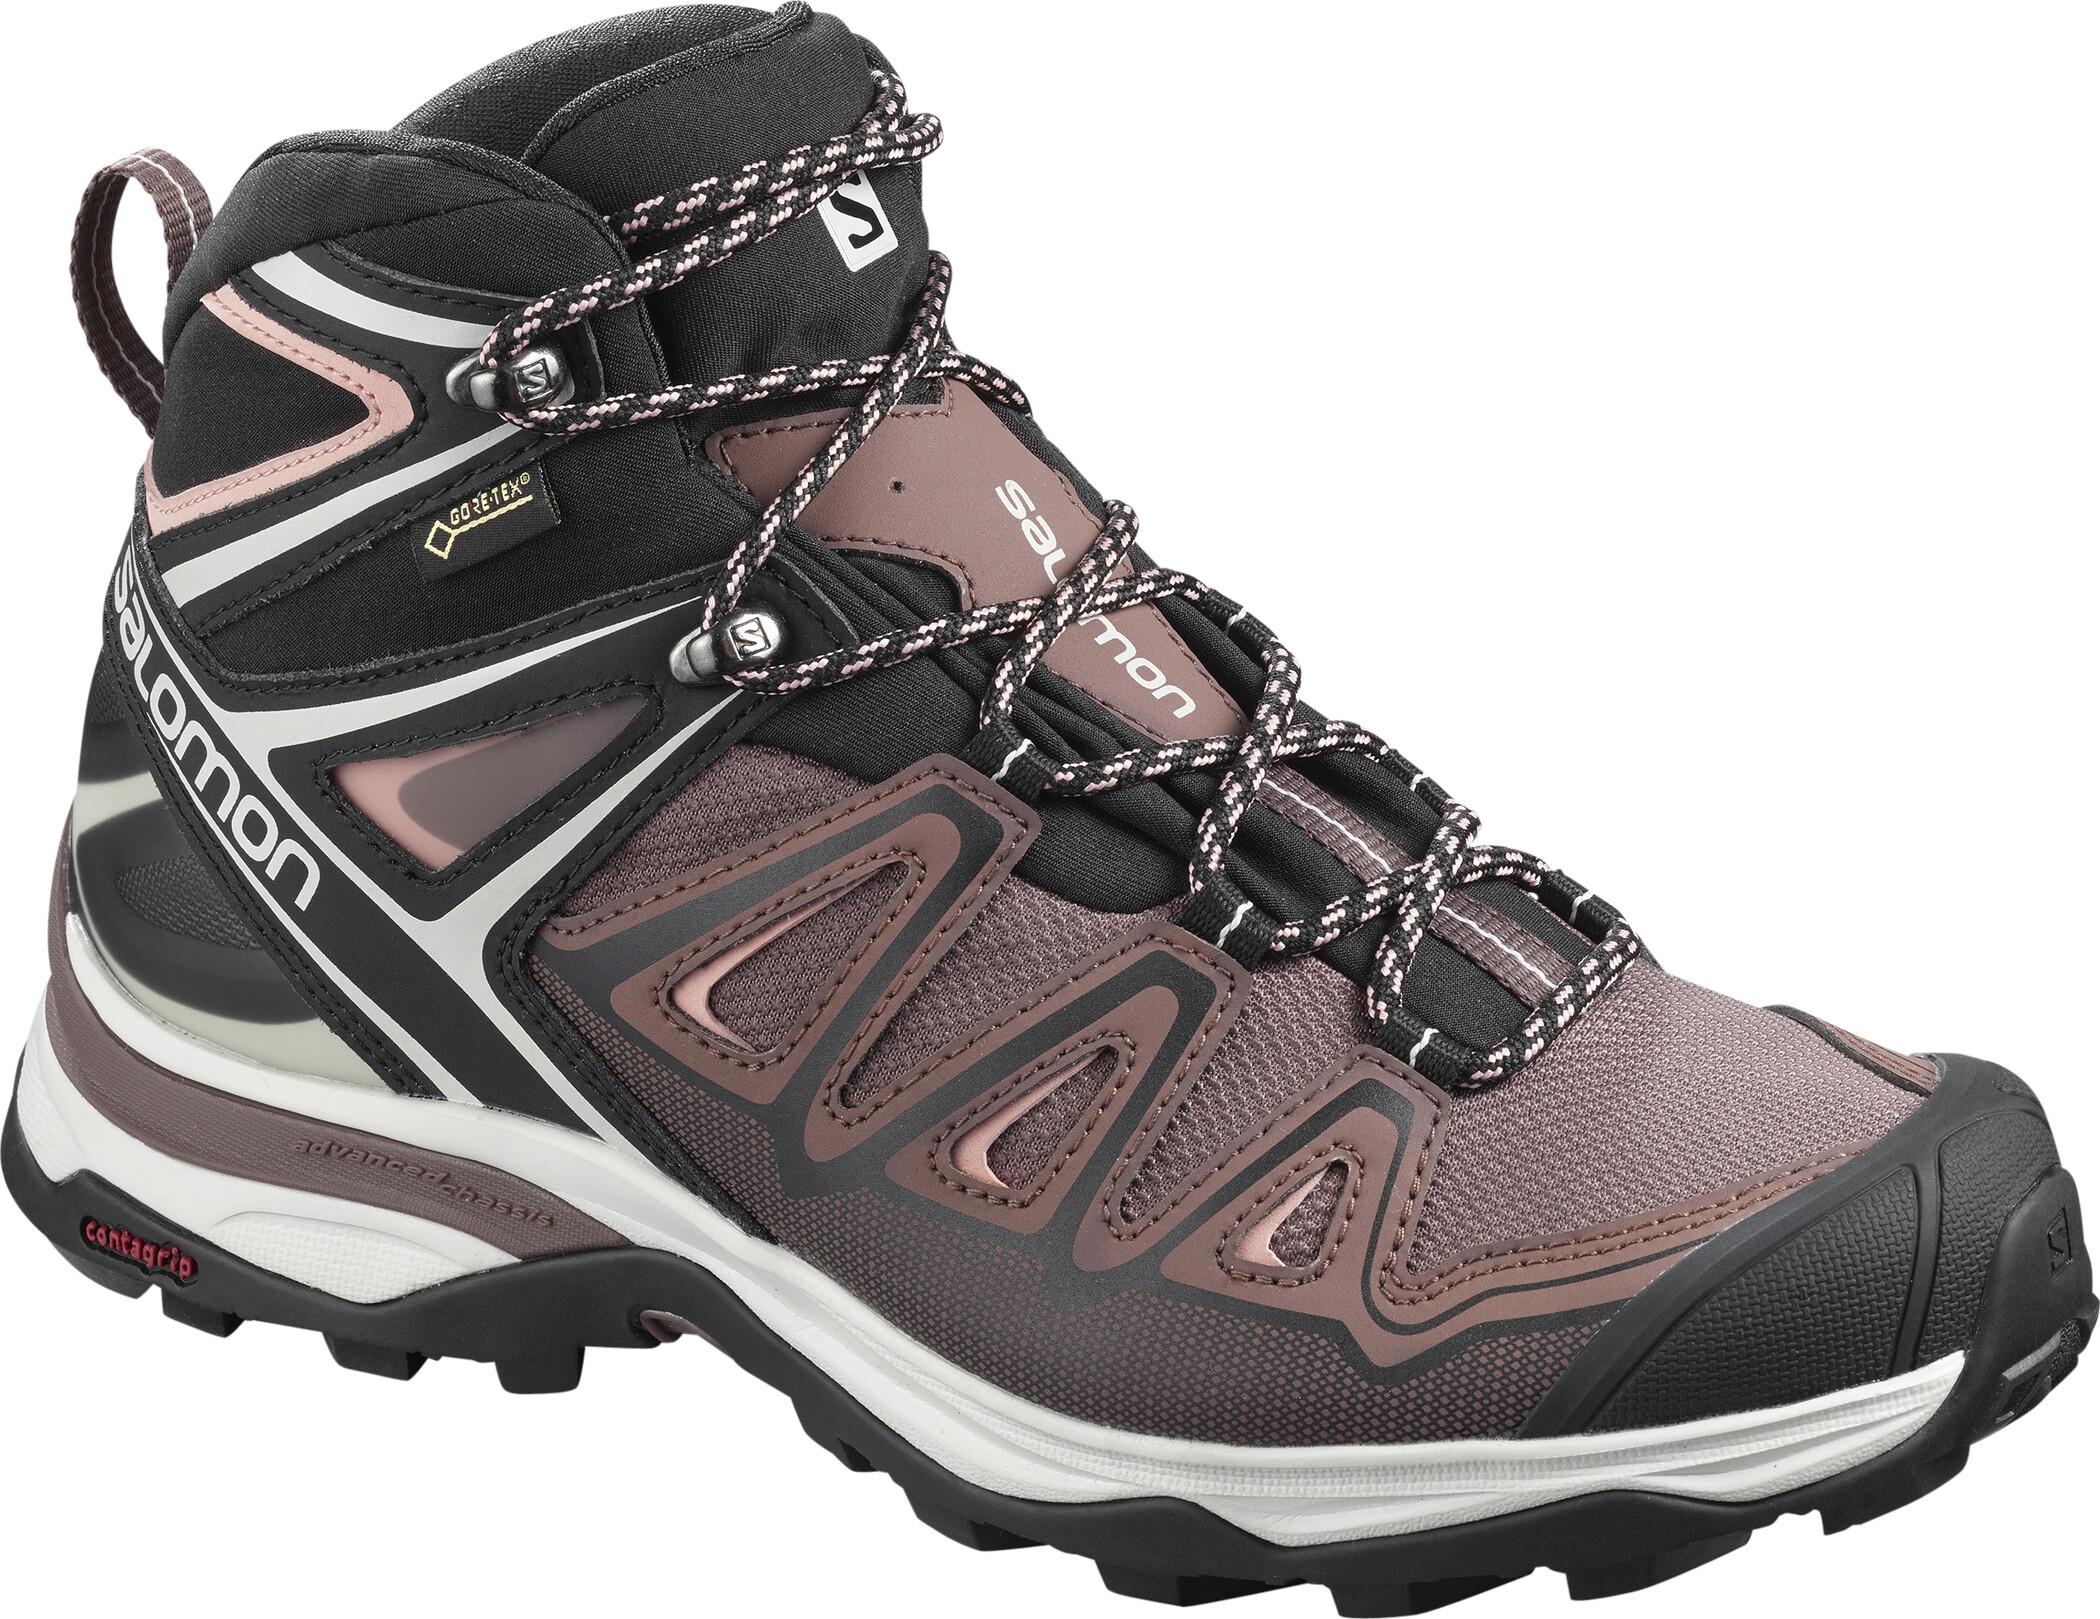 Salomon Damen Schuhe günstig online kaufen |